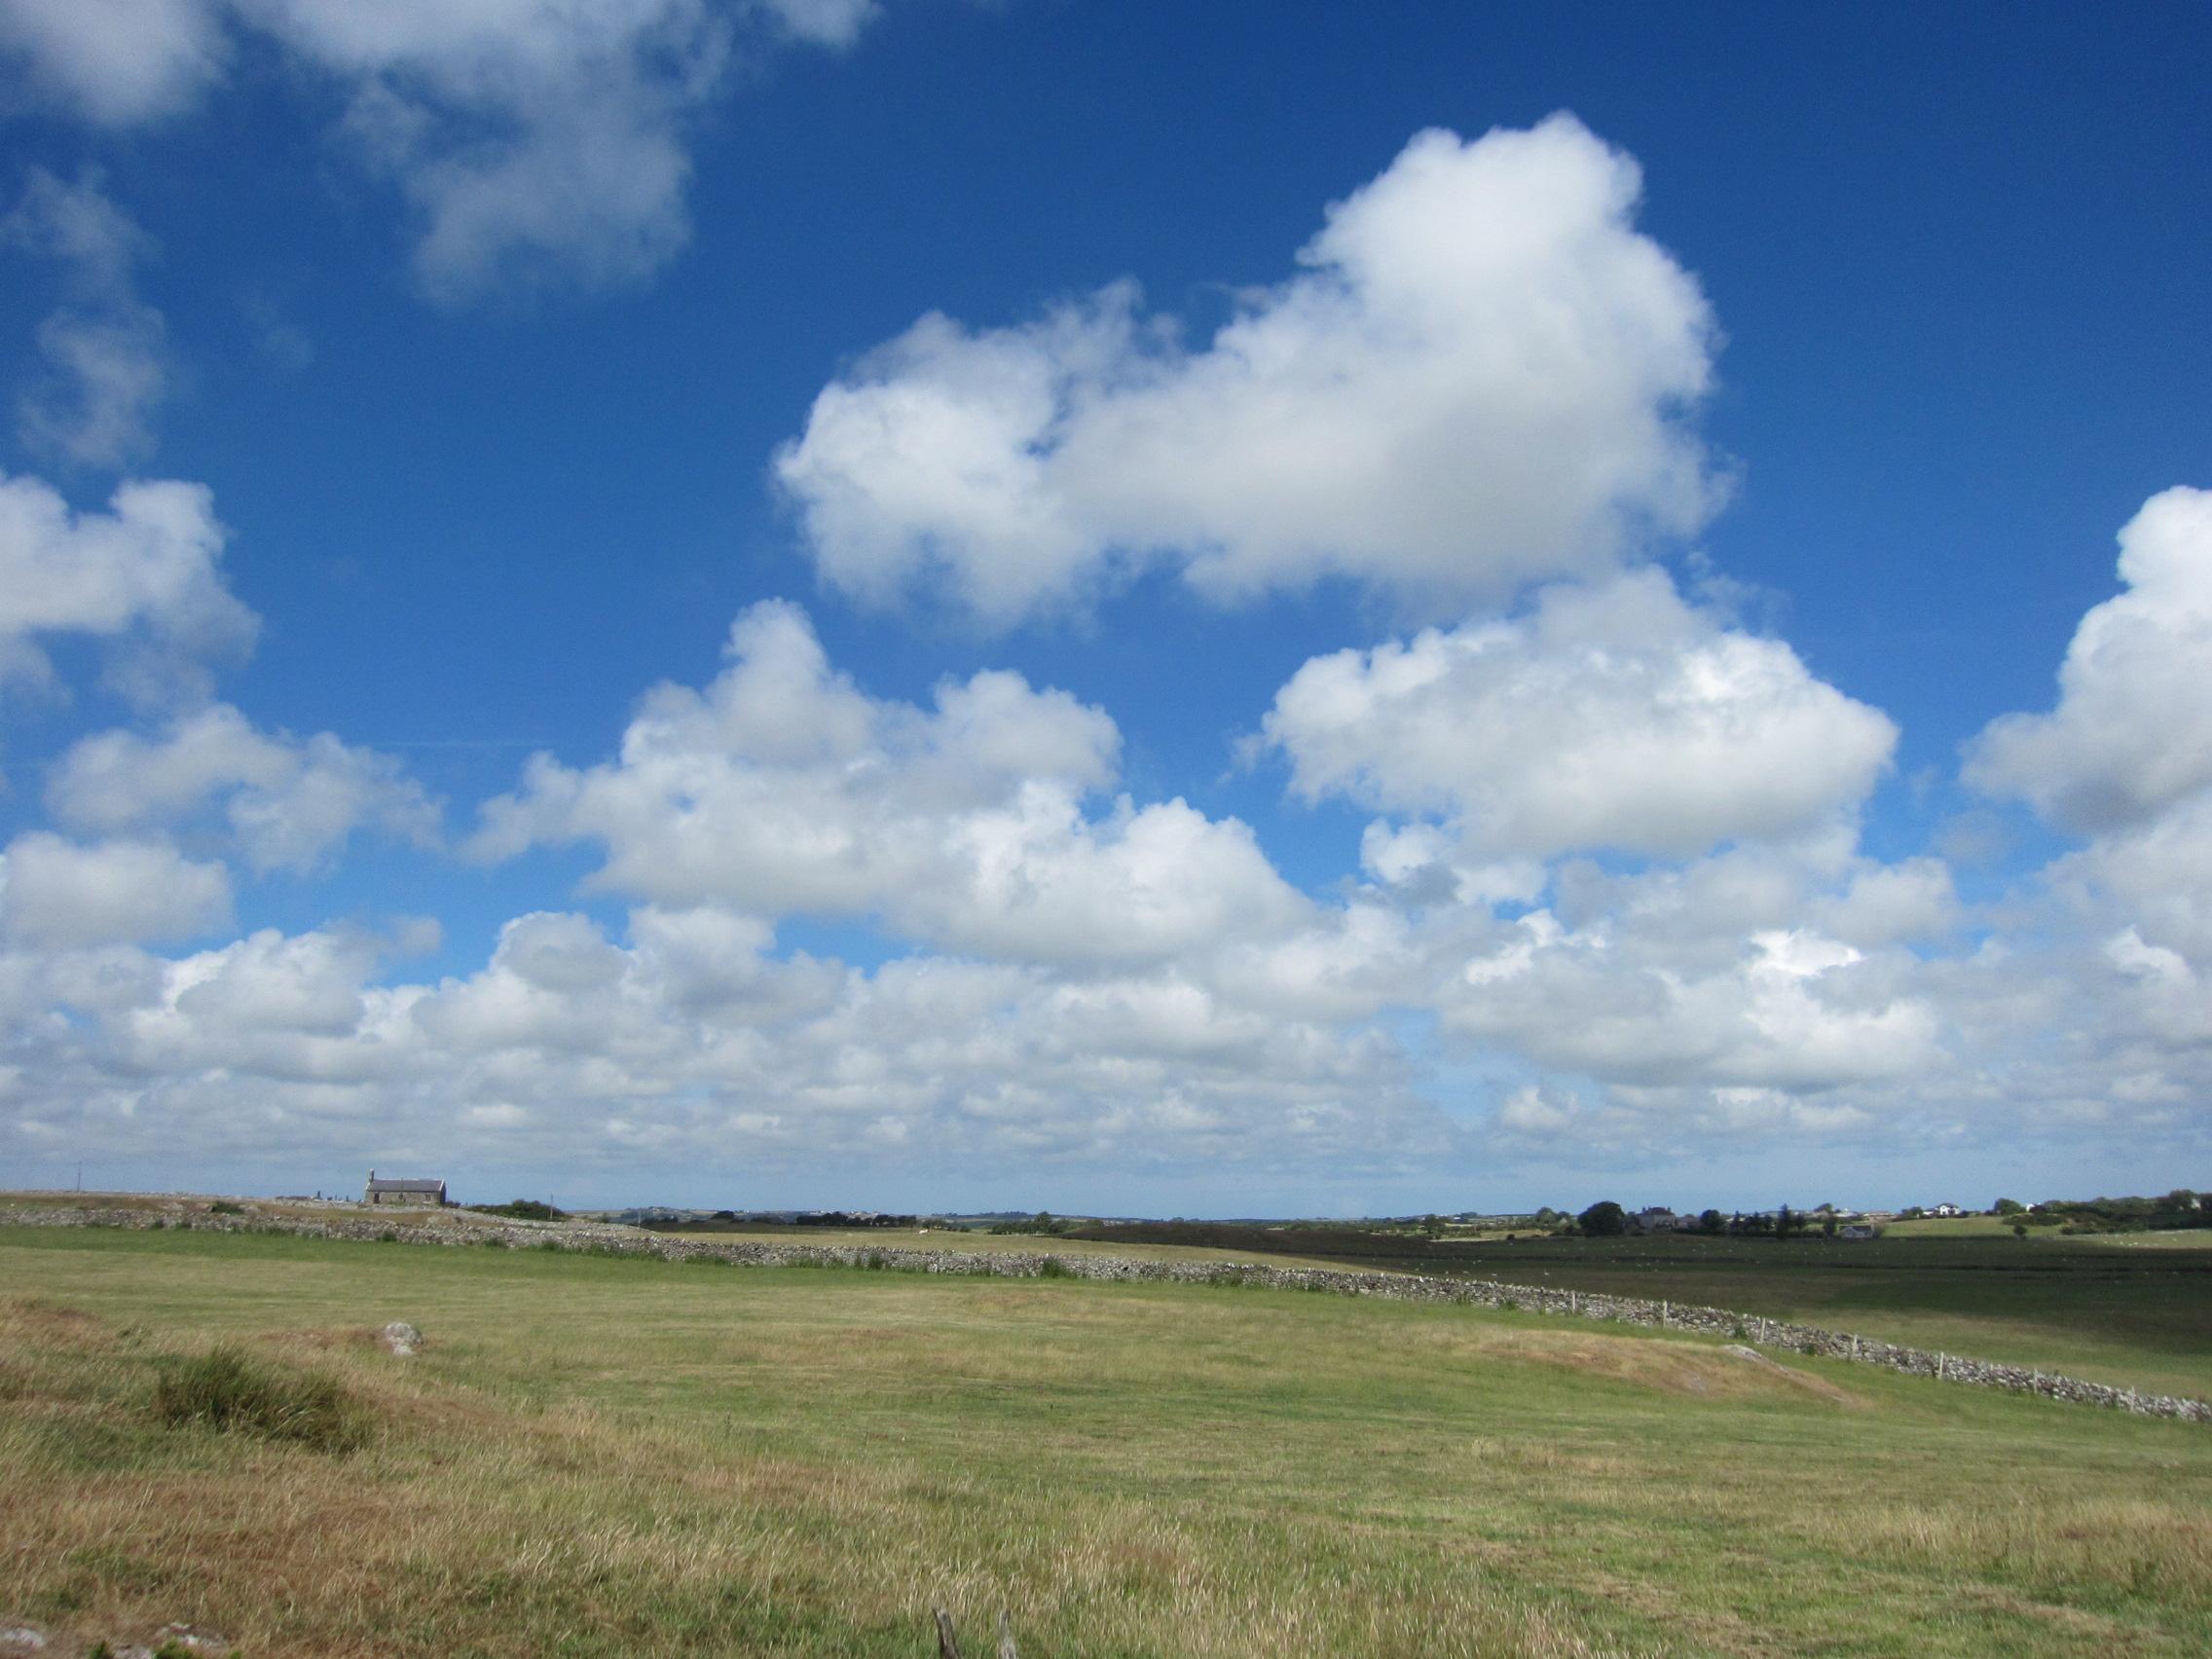 ウェールズ アングレーシー島の天気 積雲